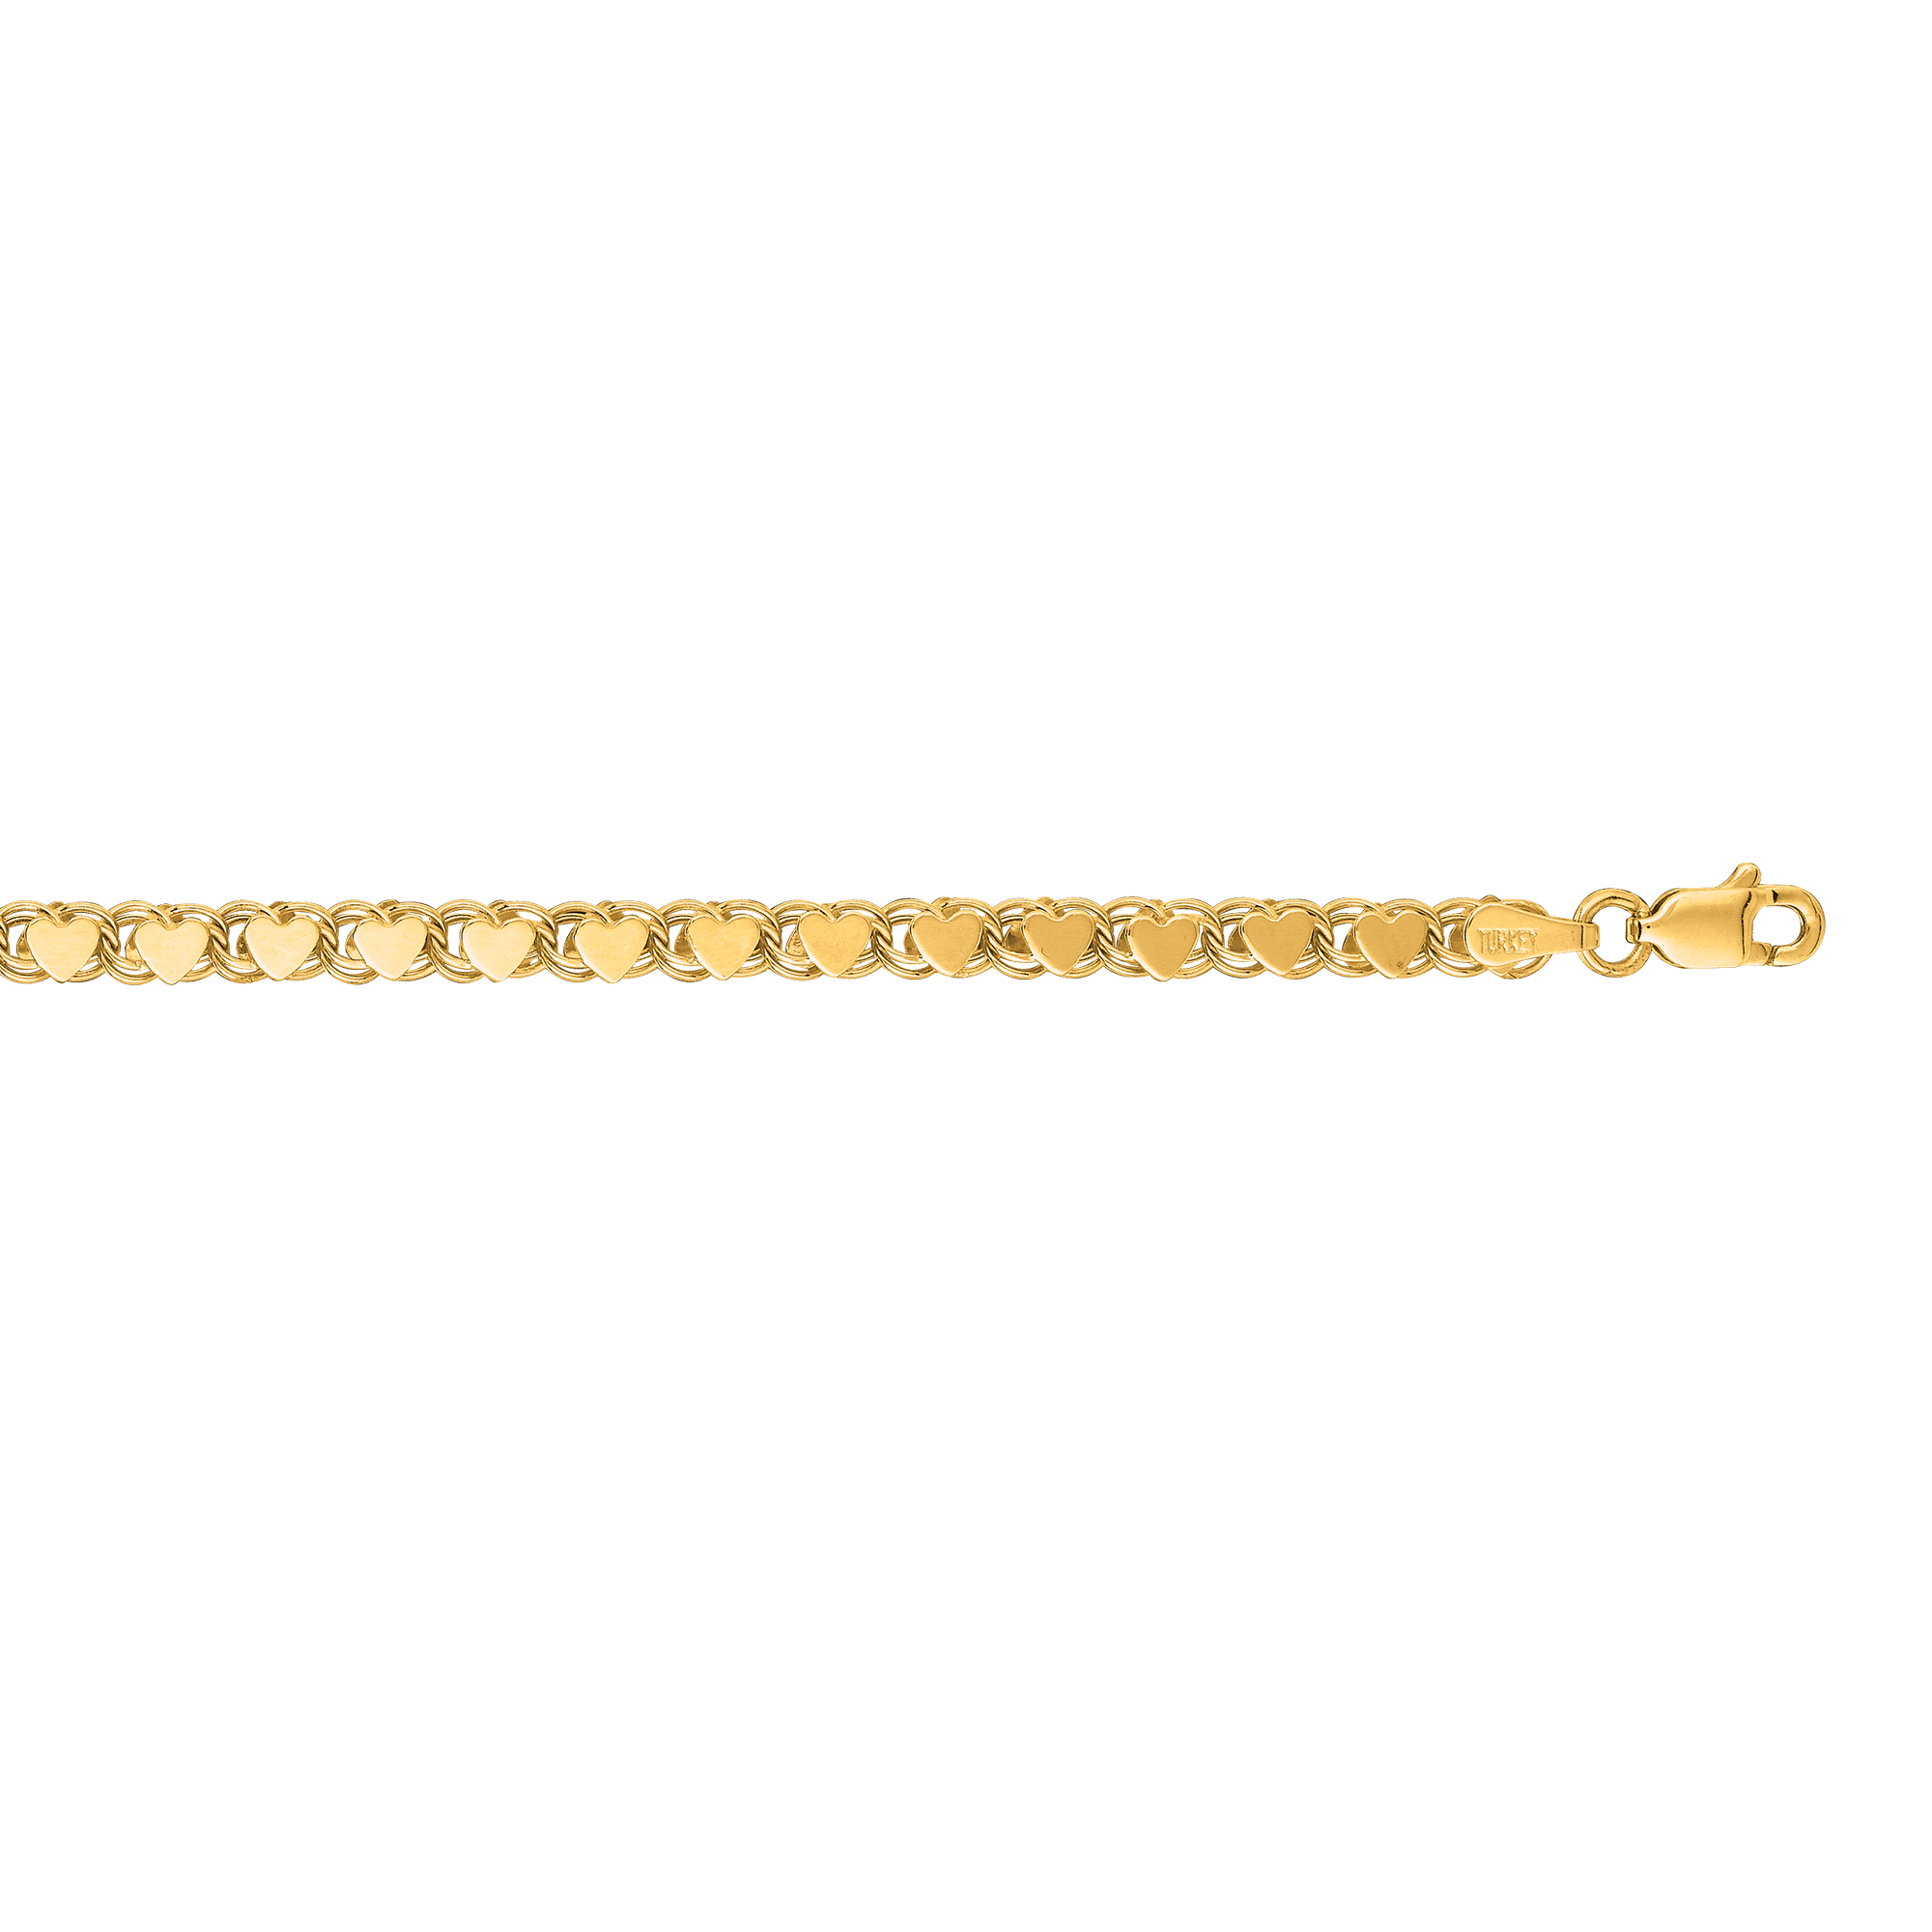 LUXURMAN Solid 14k Gold Heart Chain For Women 3.5mm Wide